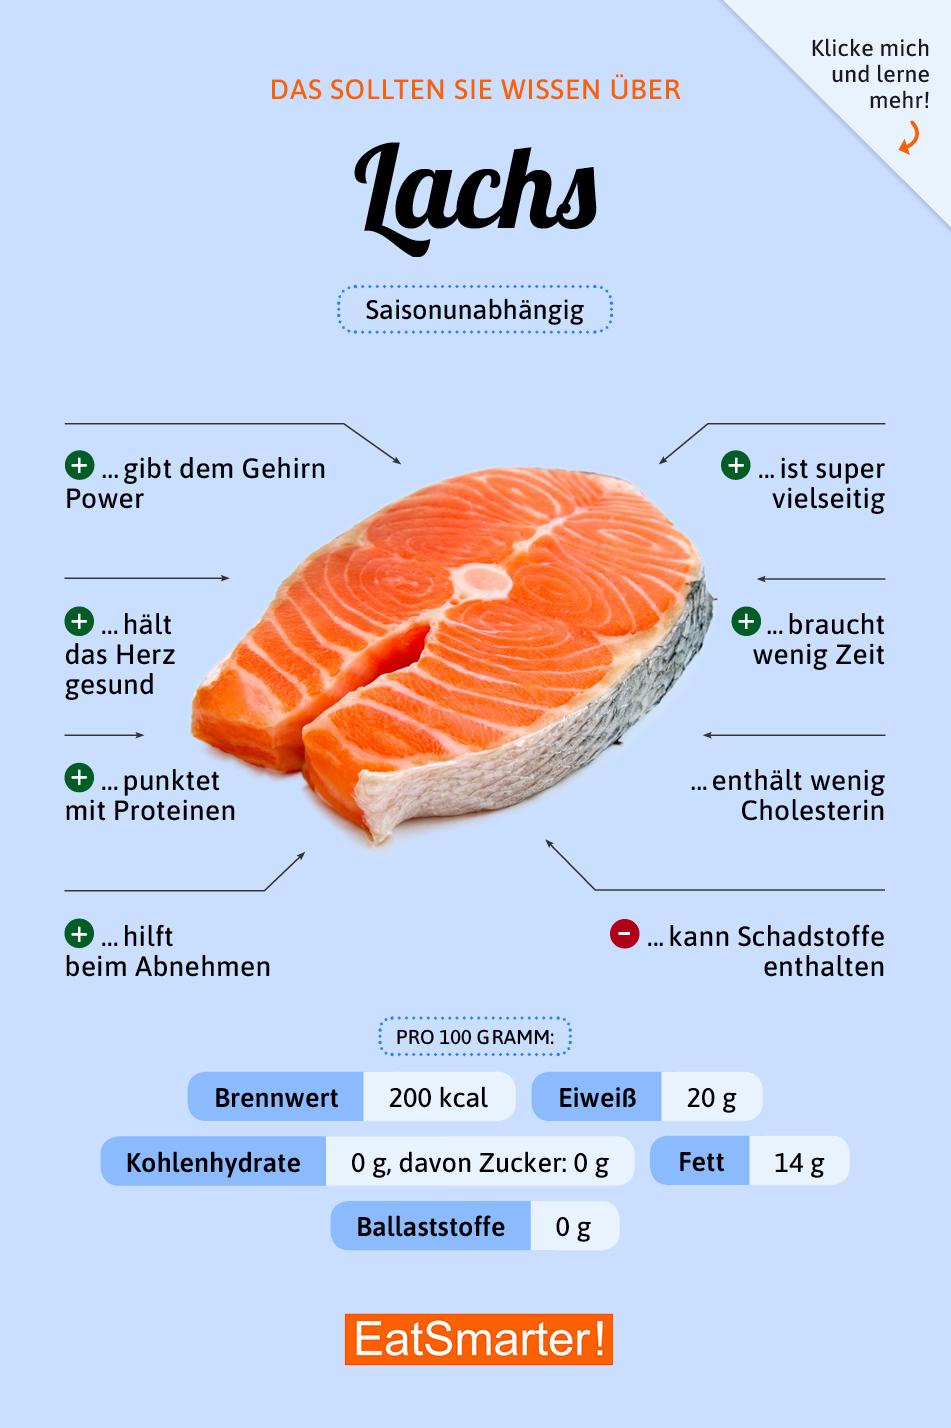 a6bf0e058de64 Interaktive Infografik zu Lachs